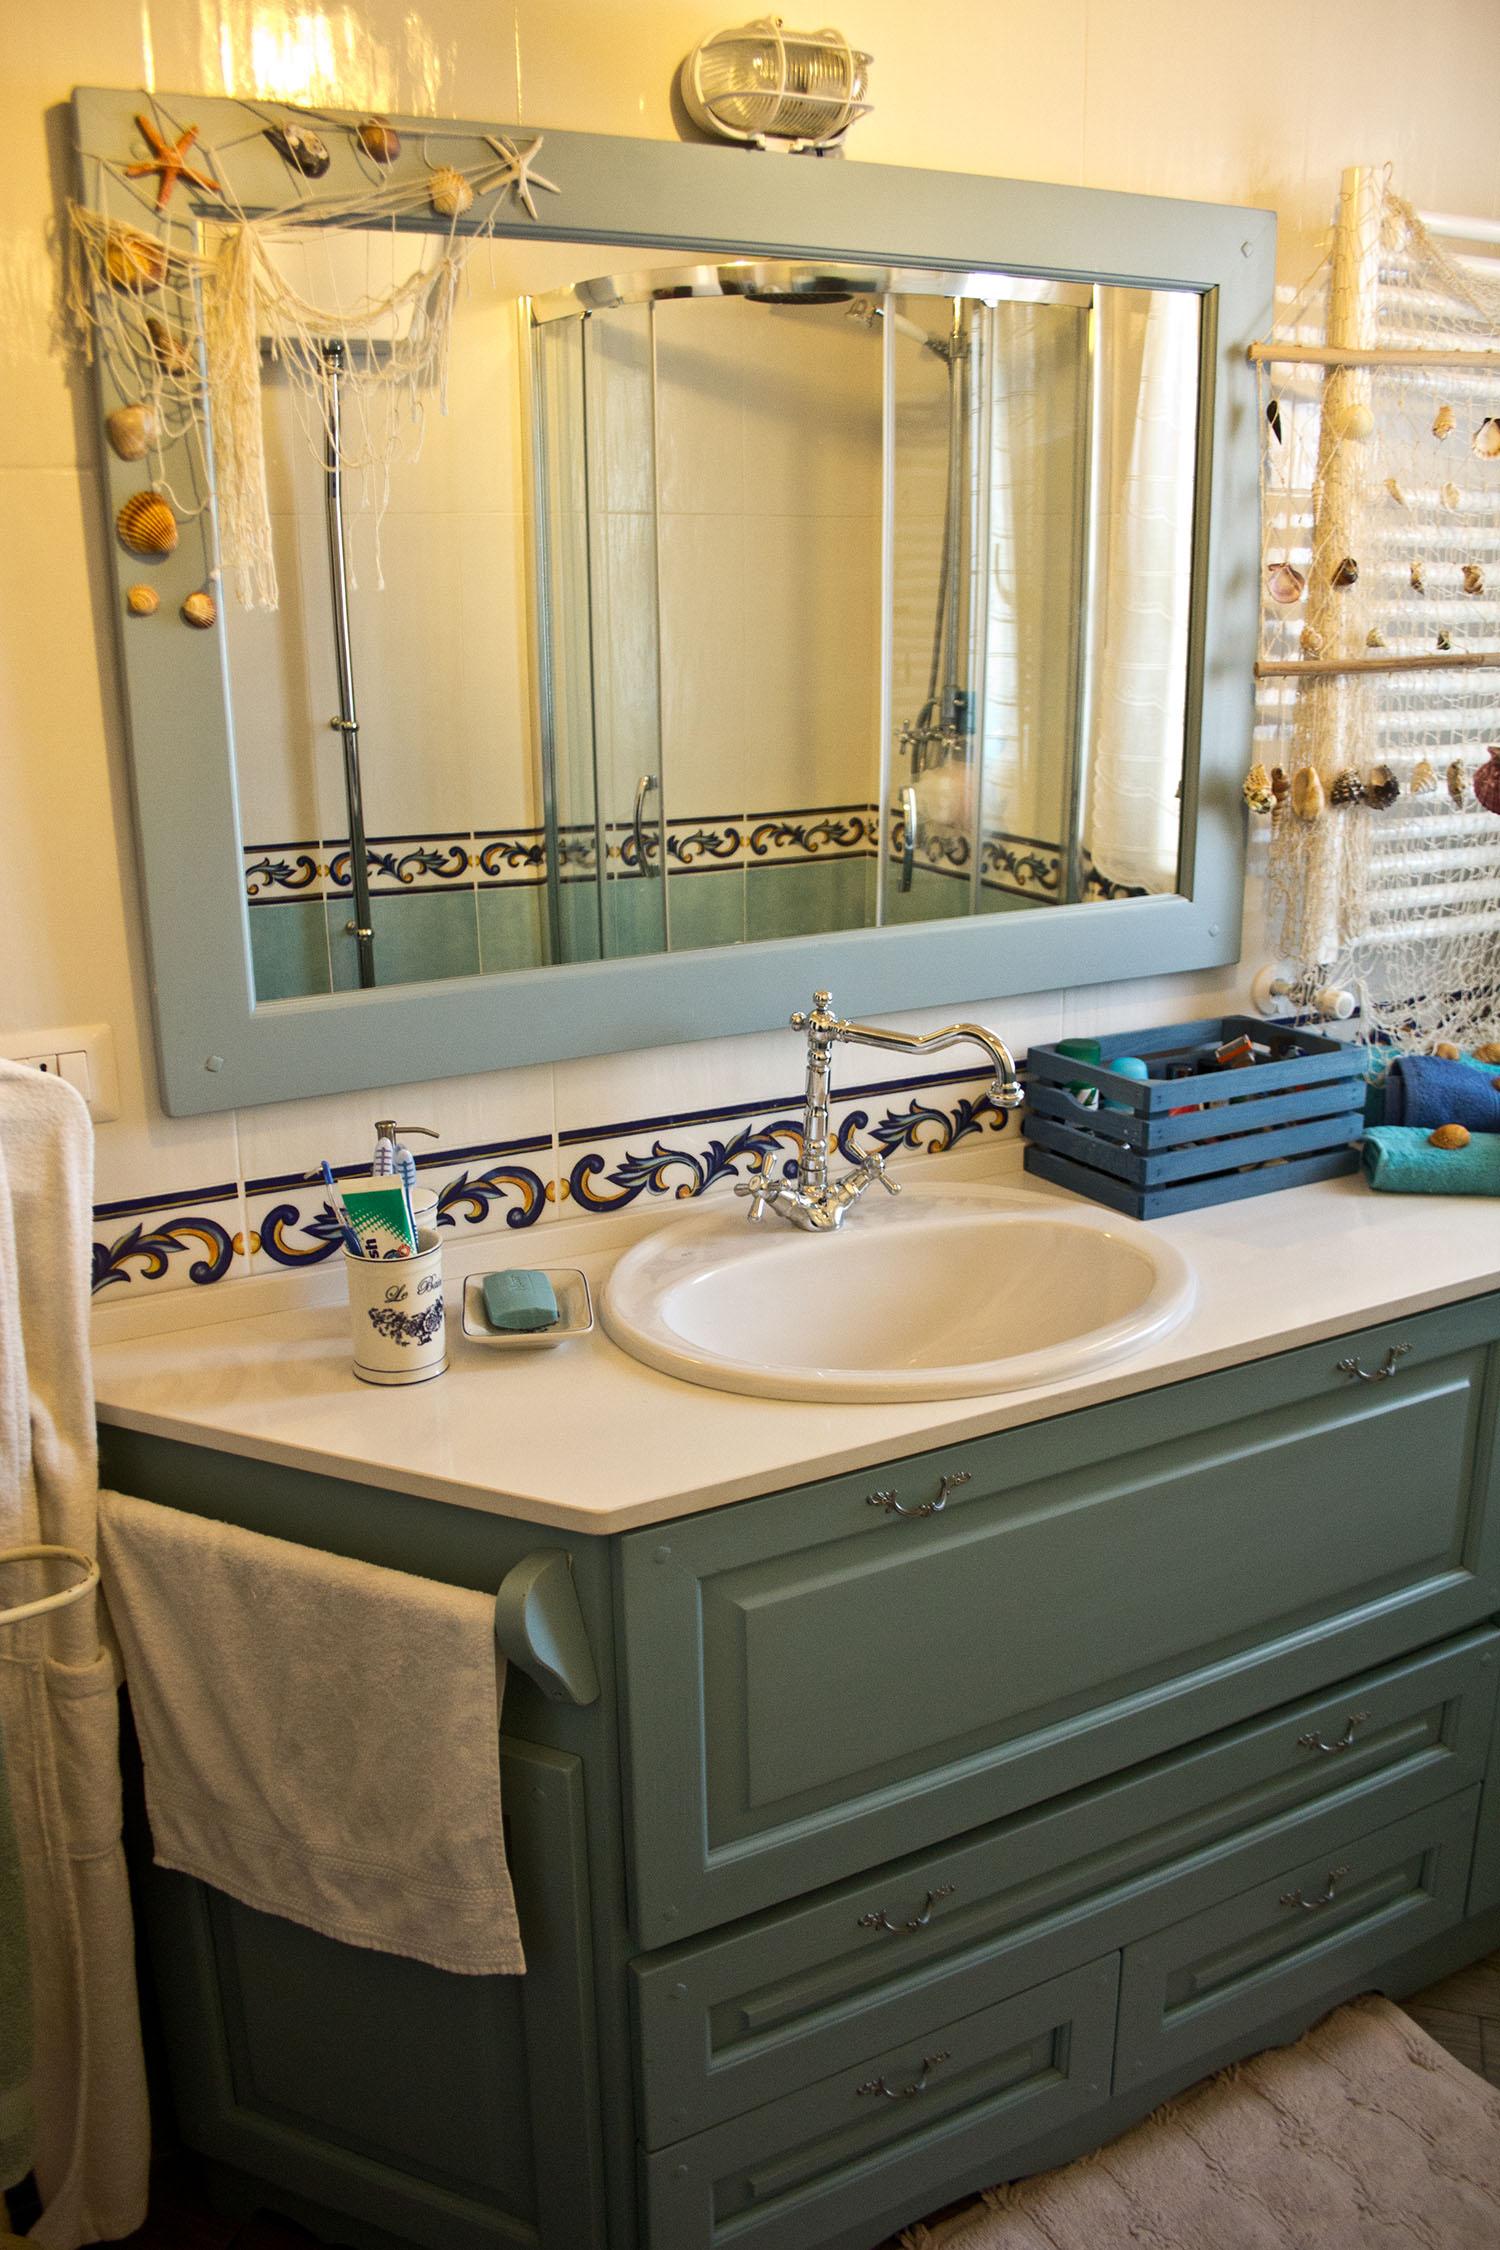 sala da bagno su misura falegnameria roma (3)